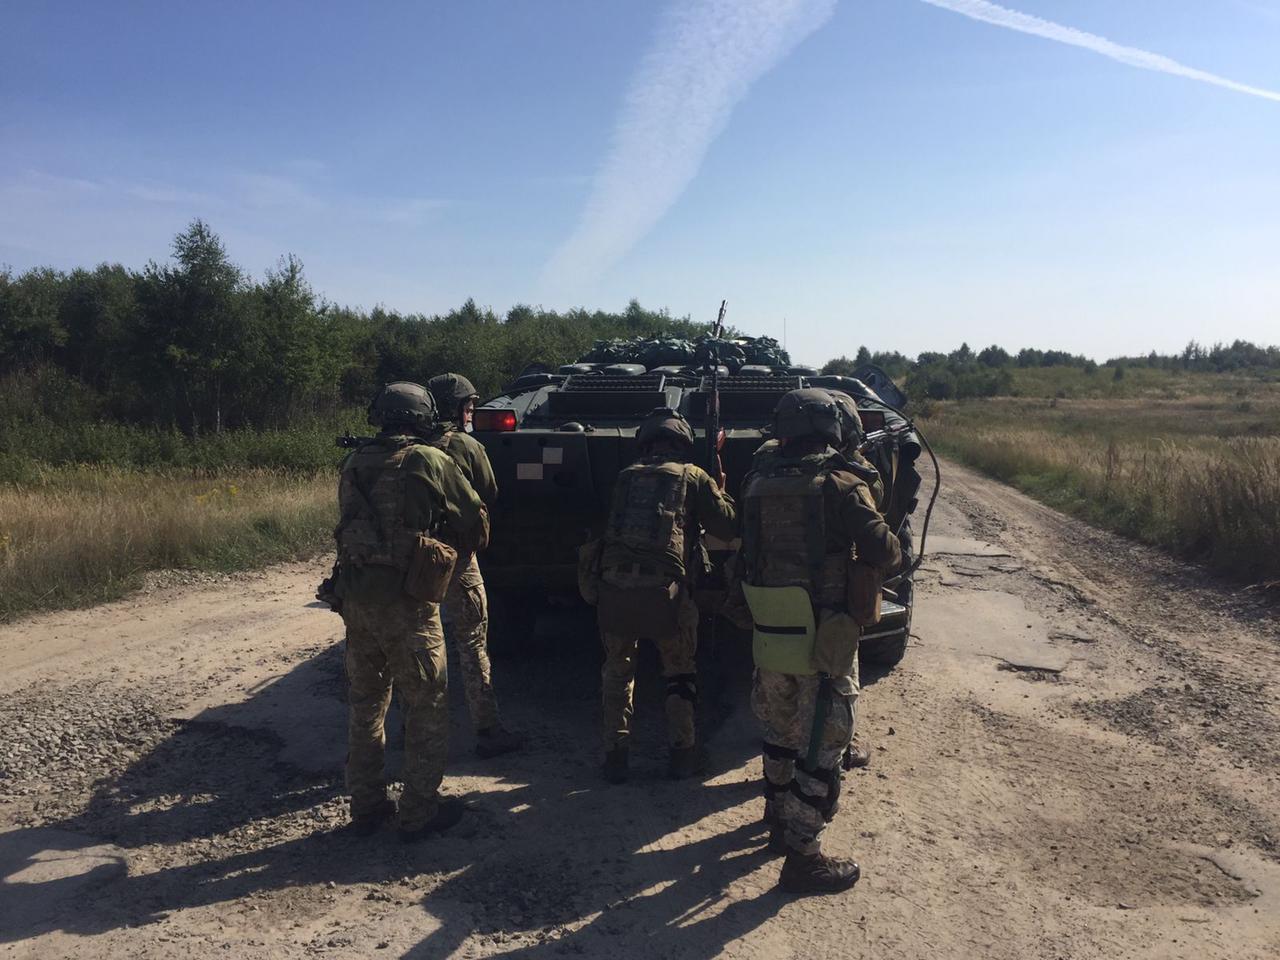 Военнослужащие Измаильского отряда отточили навыки по отражению атаки противника на госгранице и блокпостах